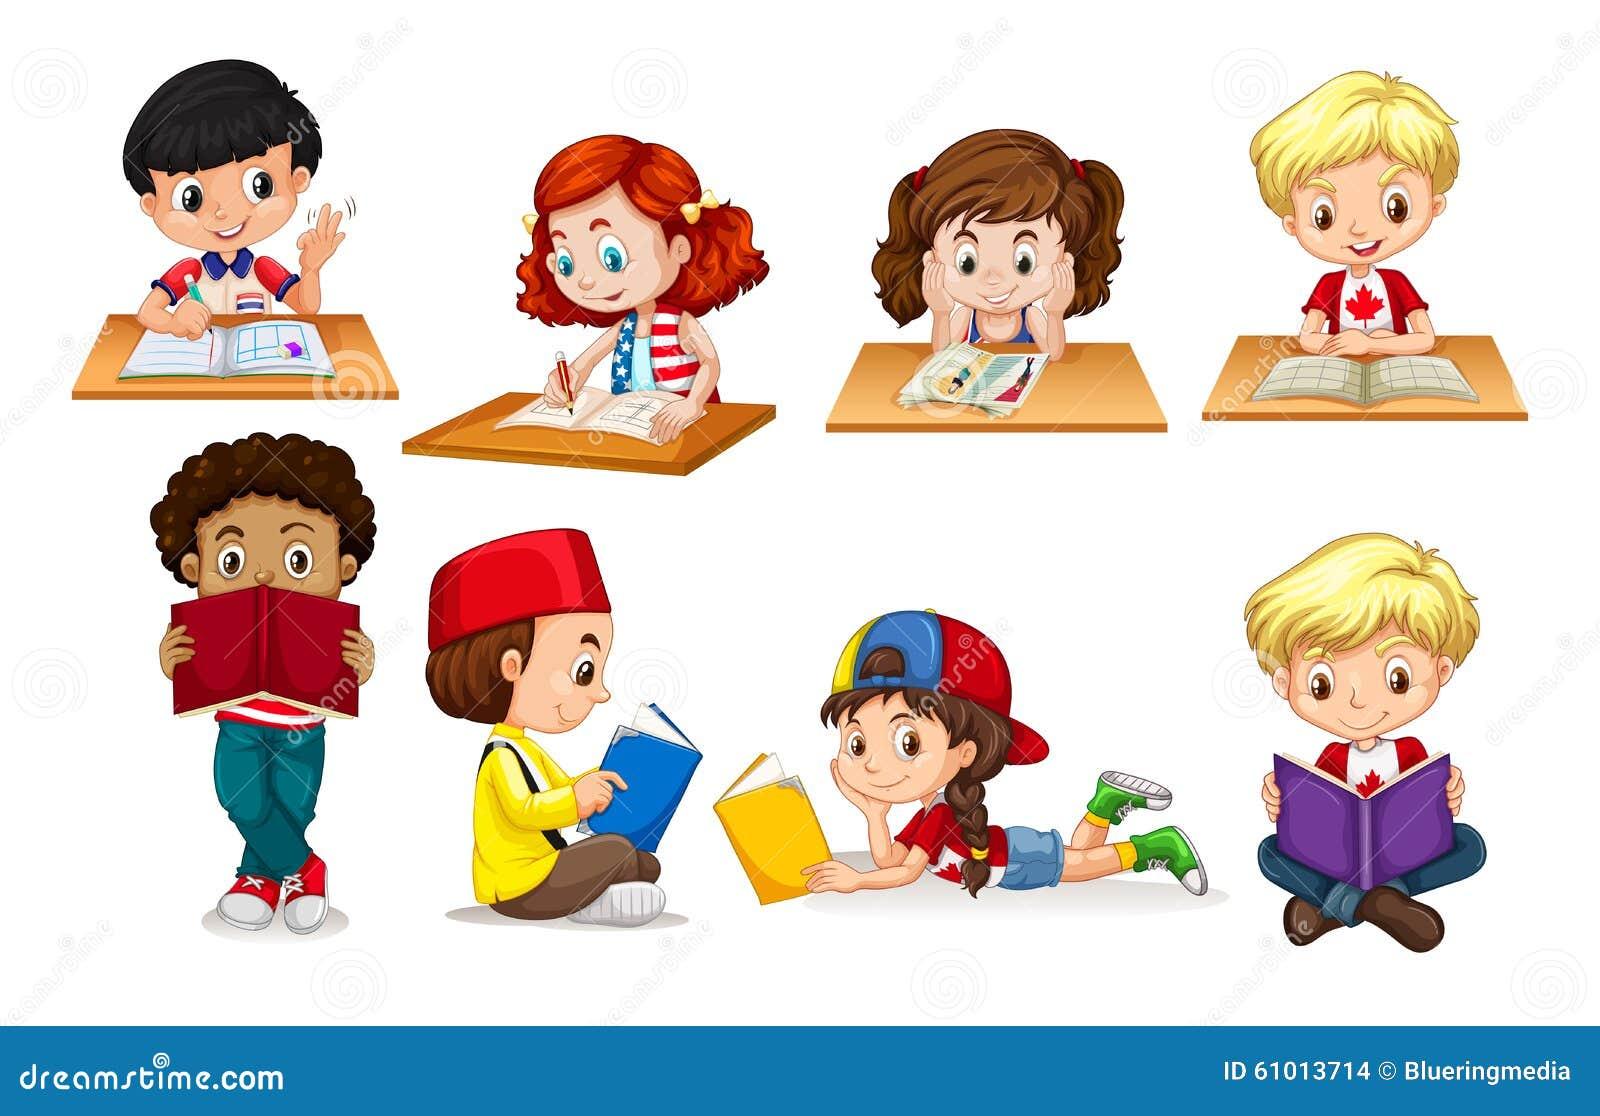 Meninos E Meninas De Nacionalidades Diferentes Childre: Menino E Leitura E Escrita Da Menina Ilustração Do Vetor